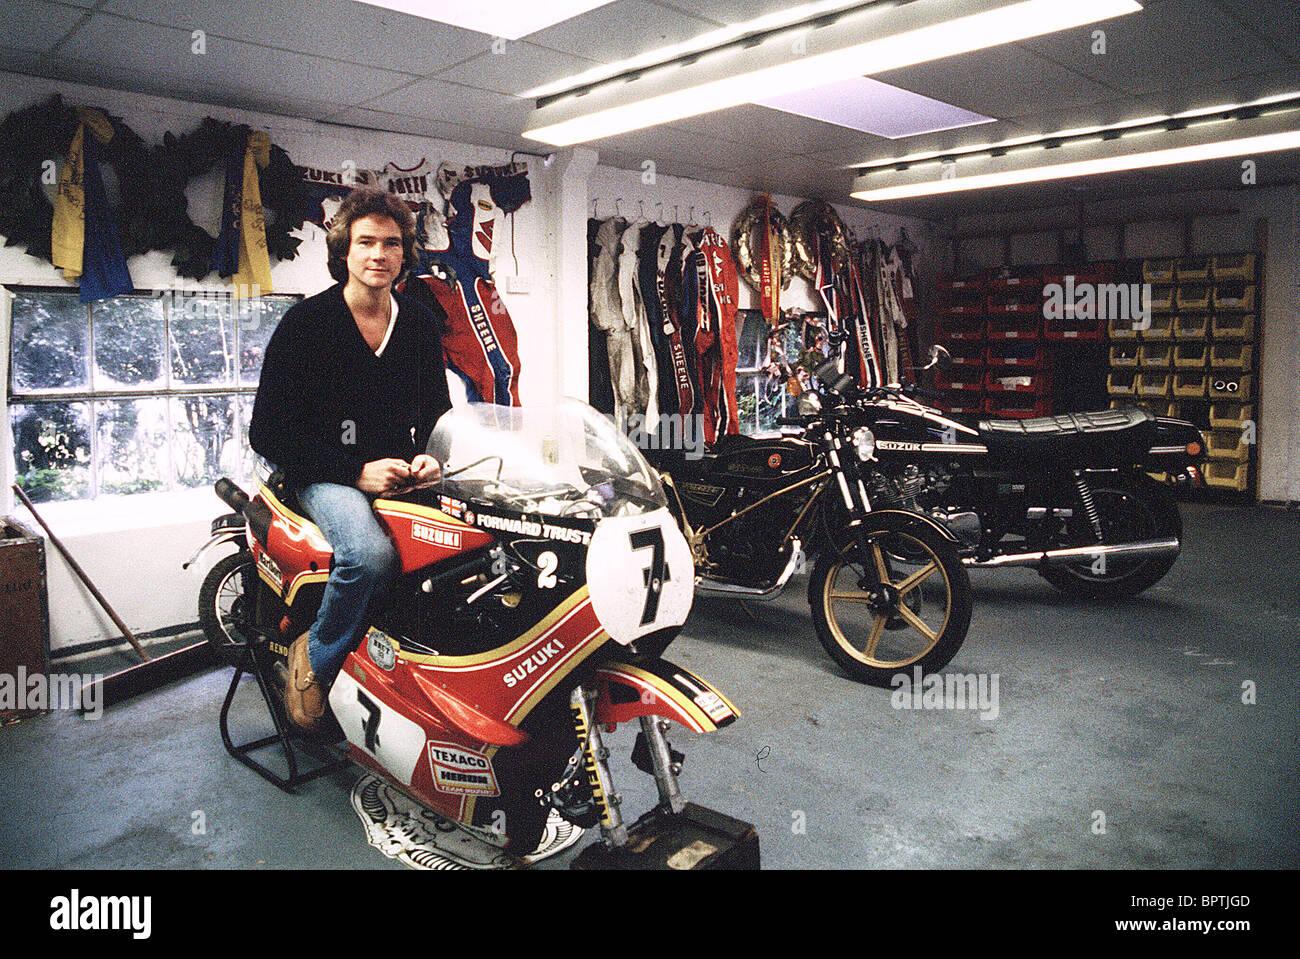 BARRY SHEENE. MOTO RACING (1984) - Stock Image